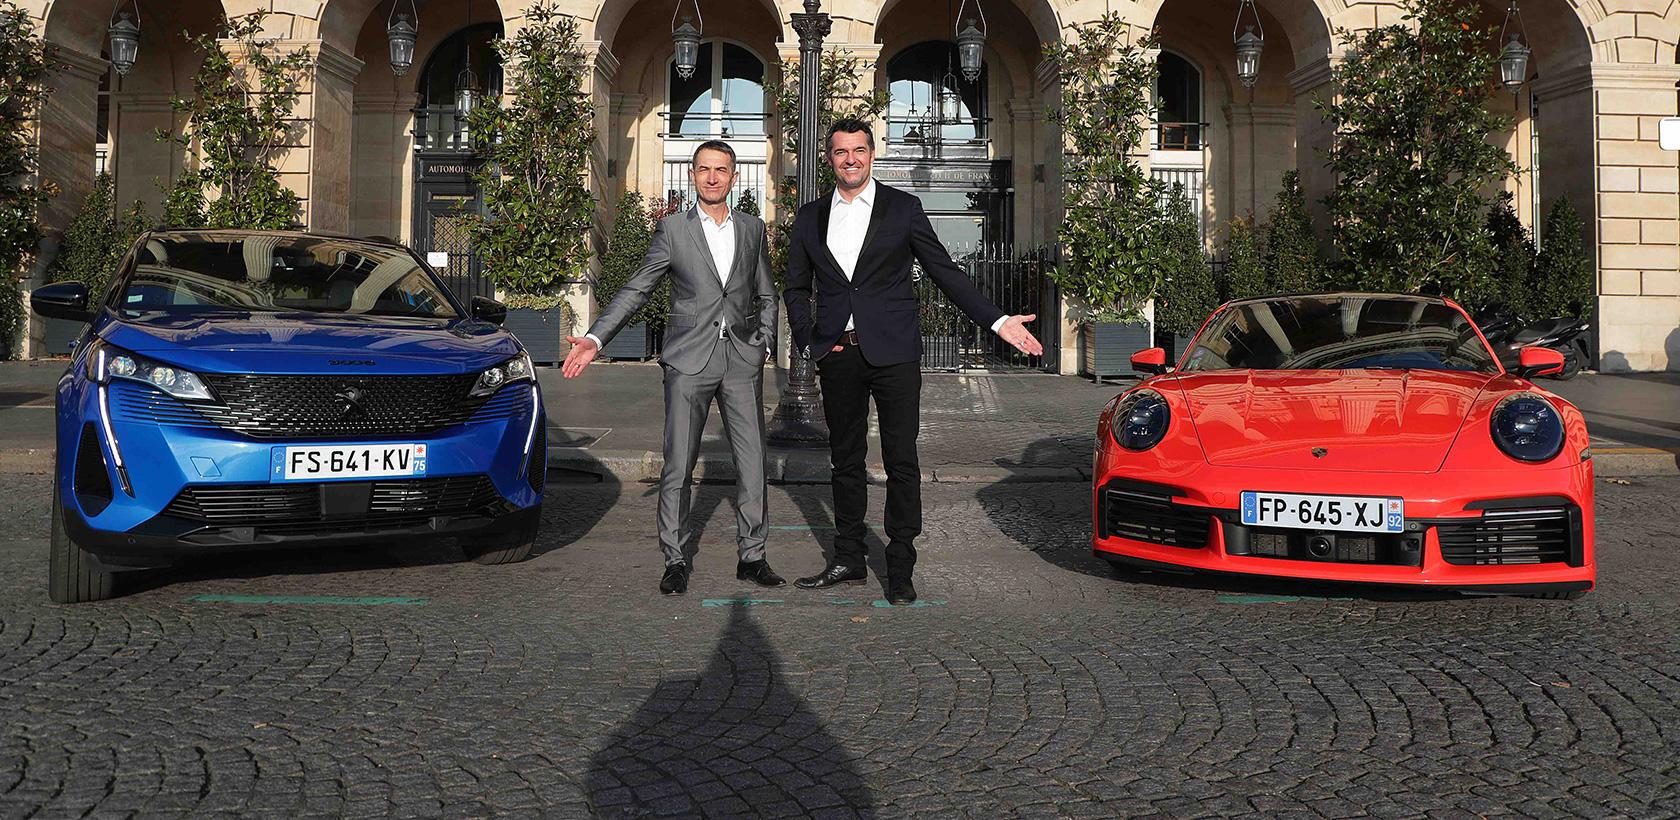 Peugeot remporte trois prix aux automobiles awards